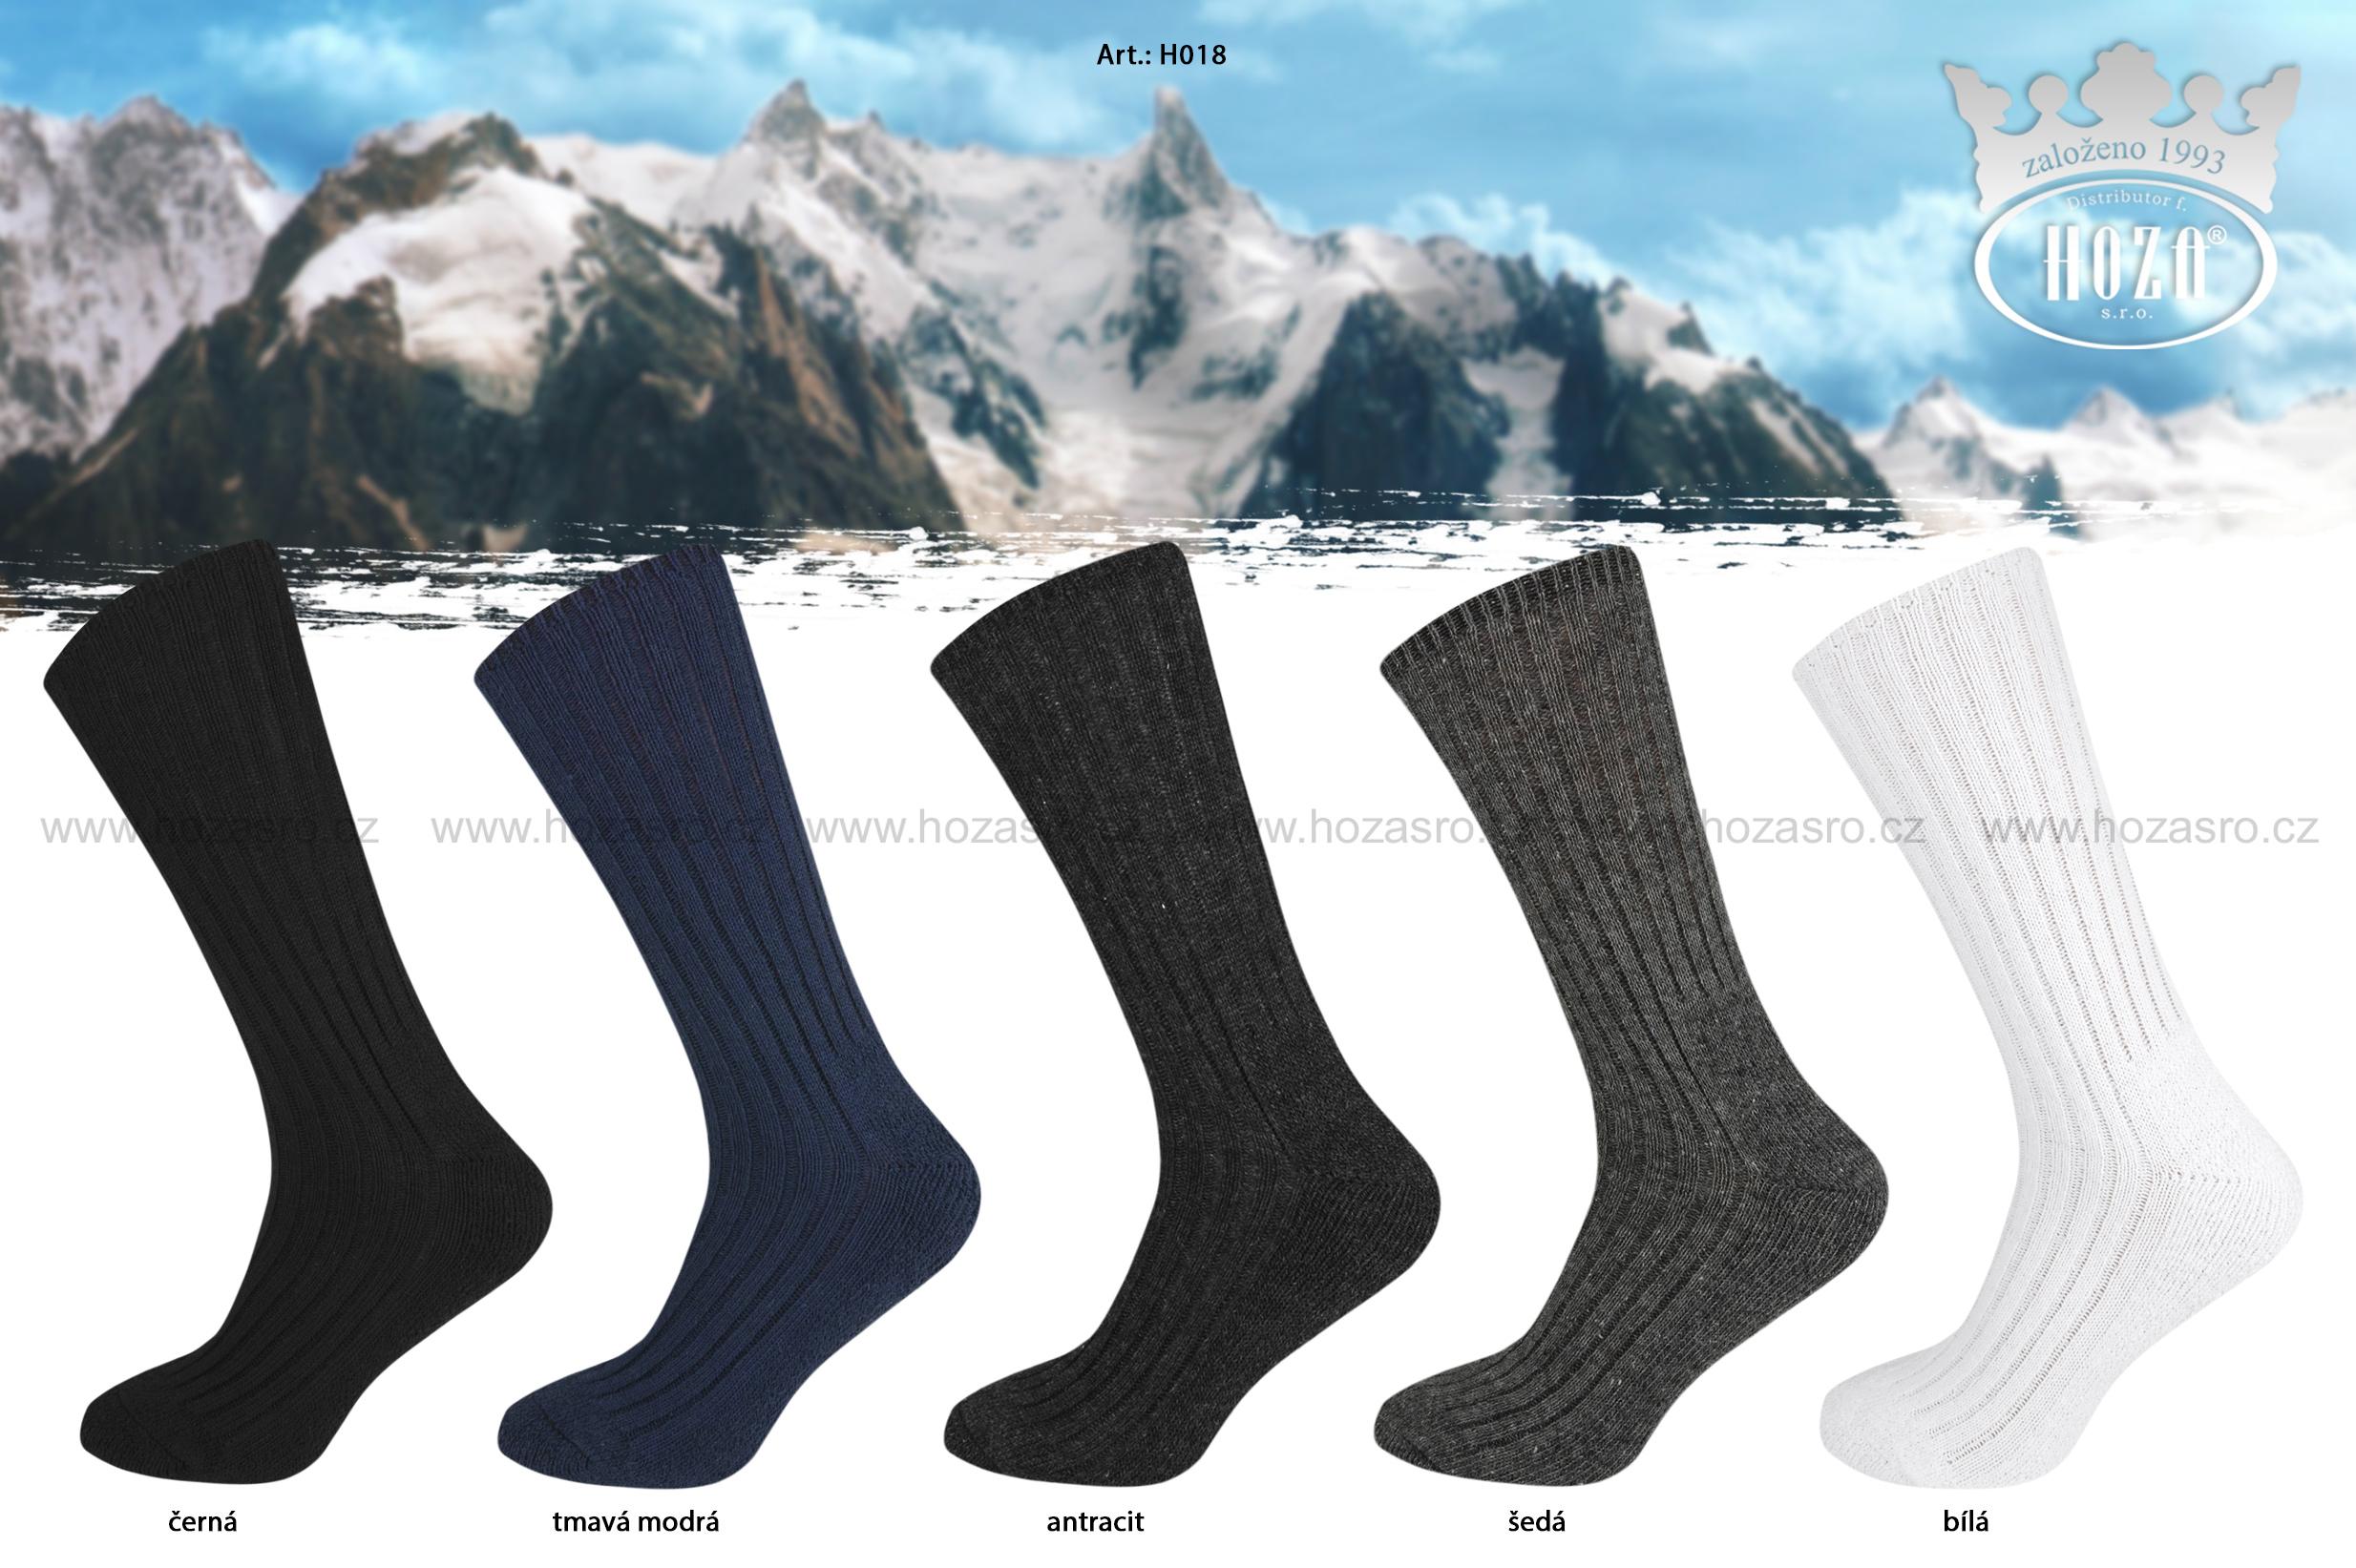 Pánské a dámské zimní ponožky HOZA Sibiř - jednobarevné - H018